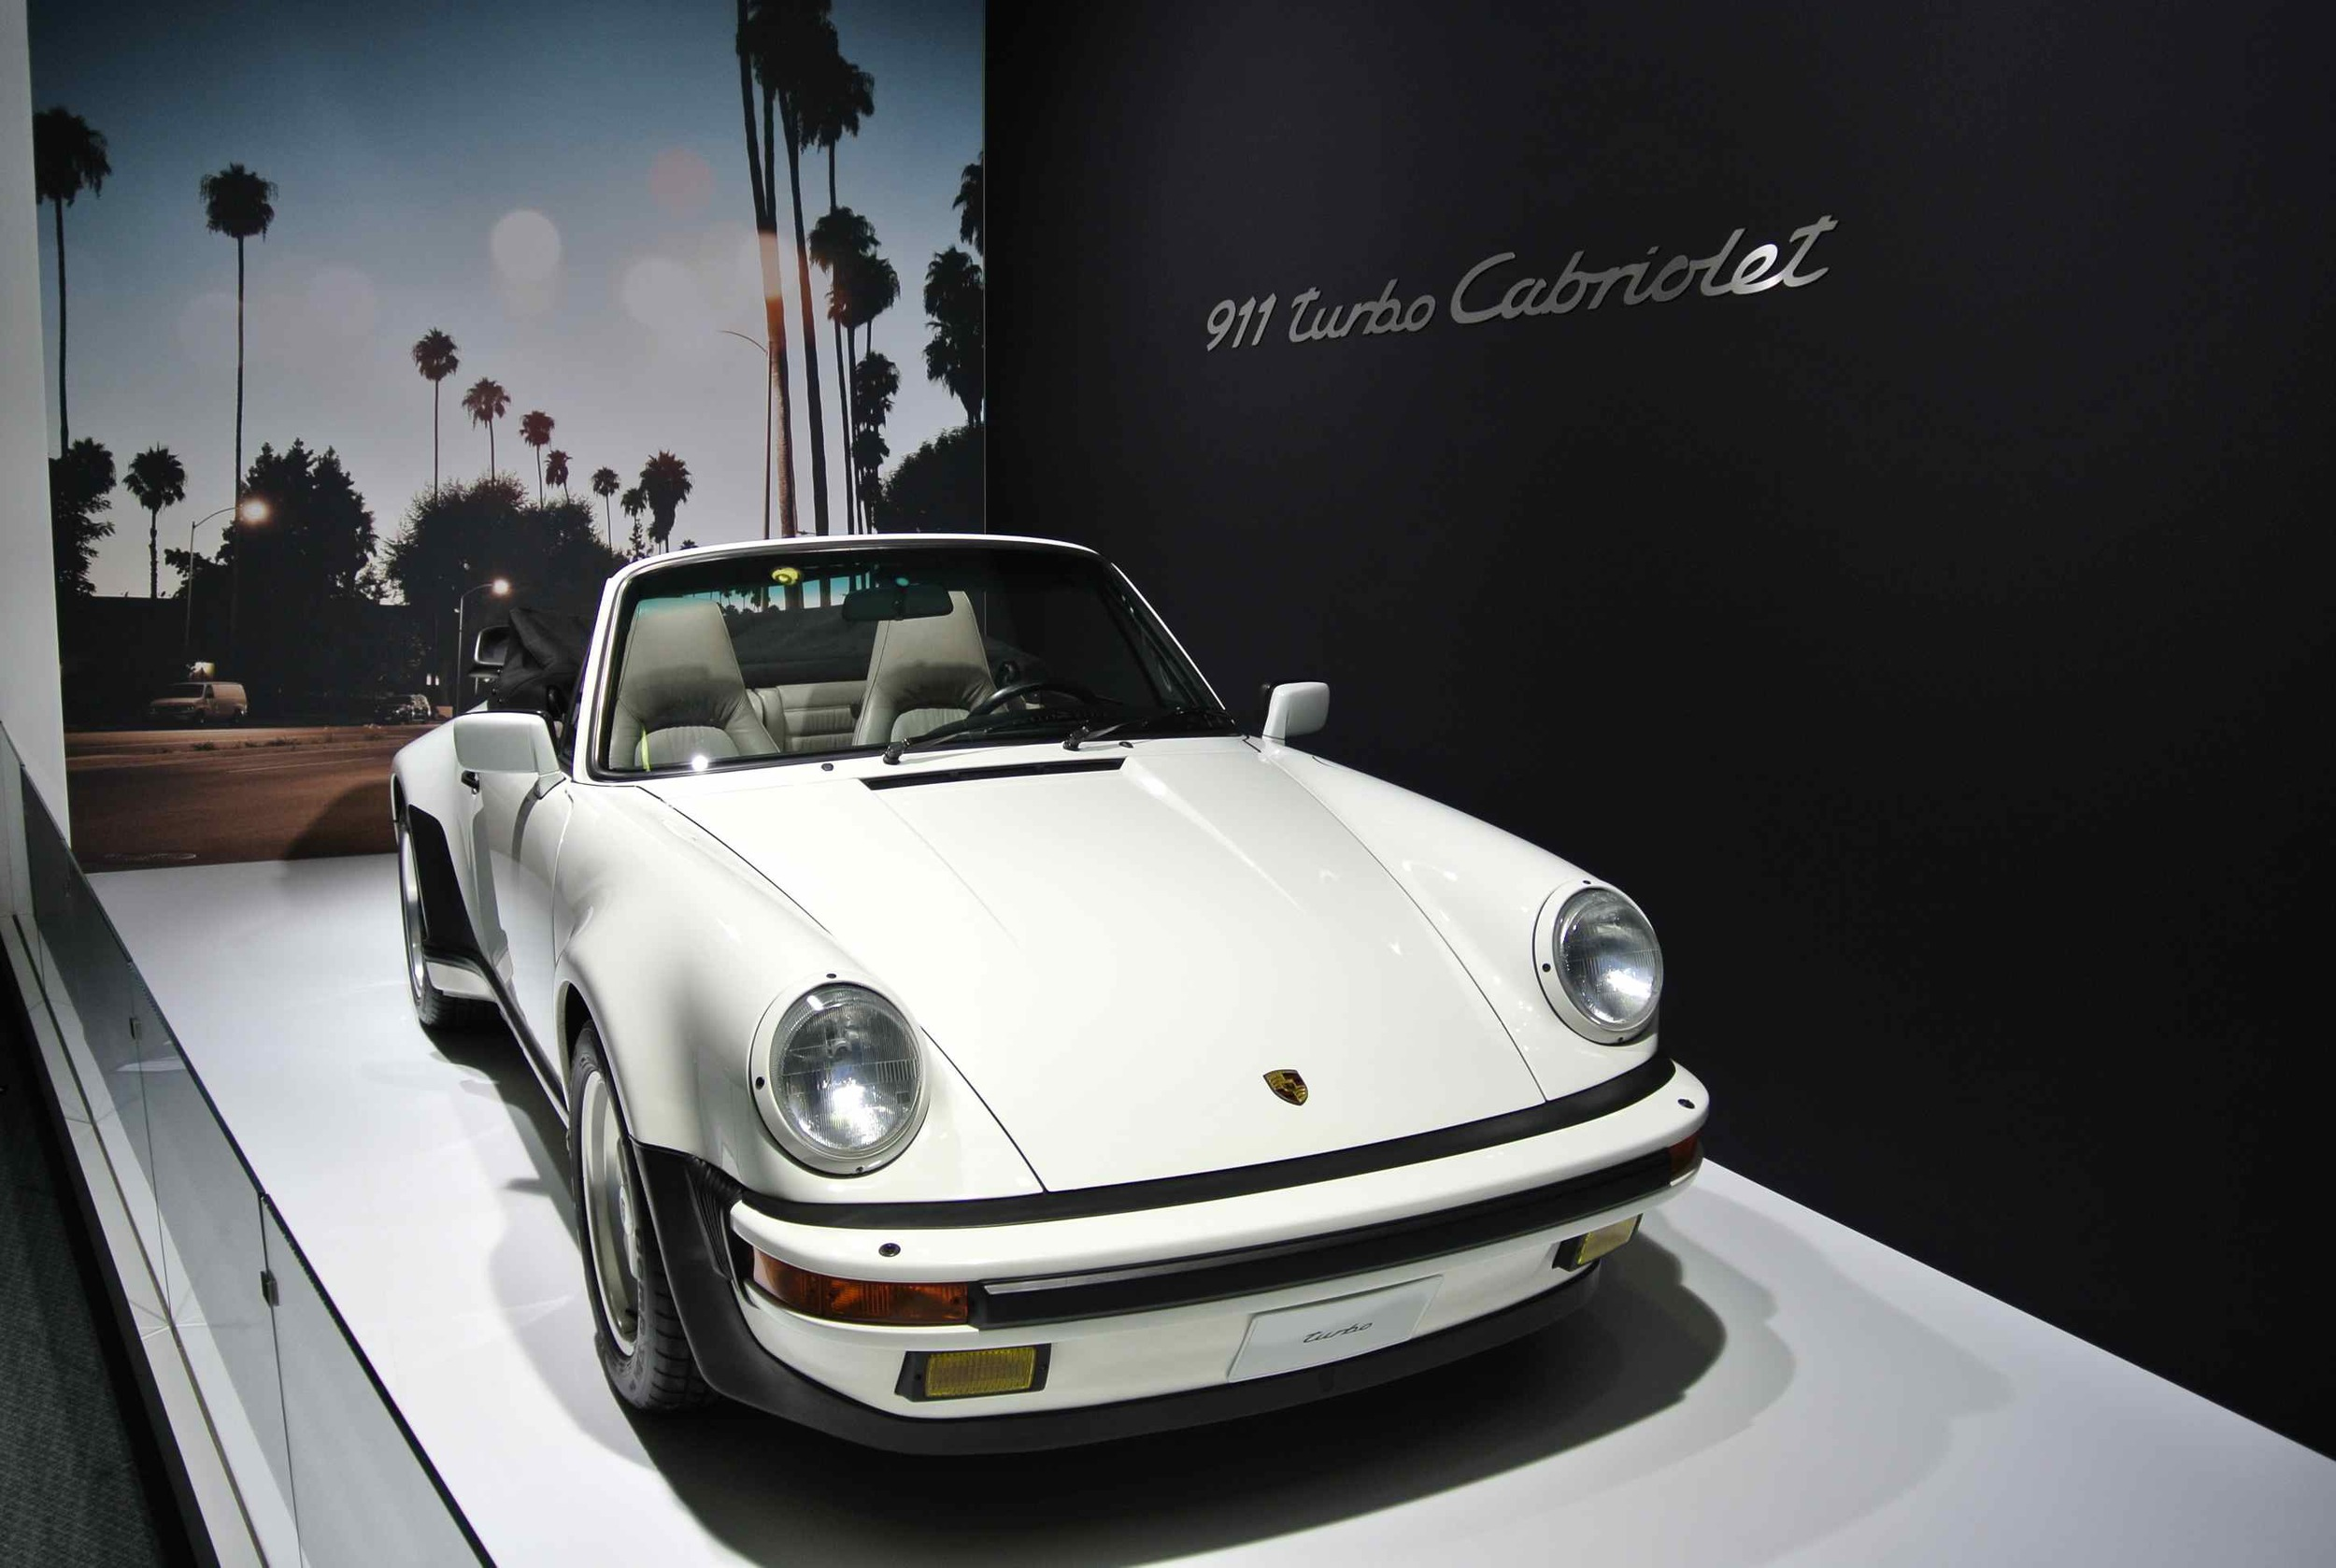 PorscheTurbo891.jpg